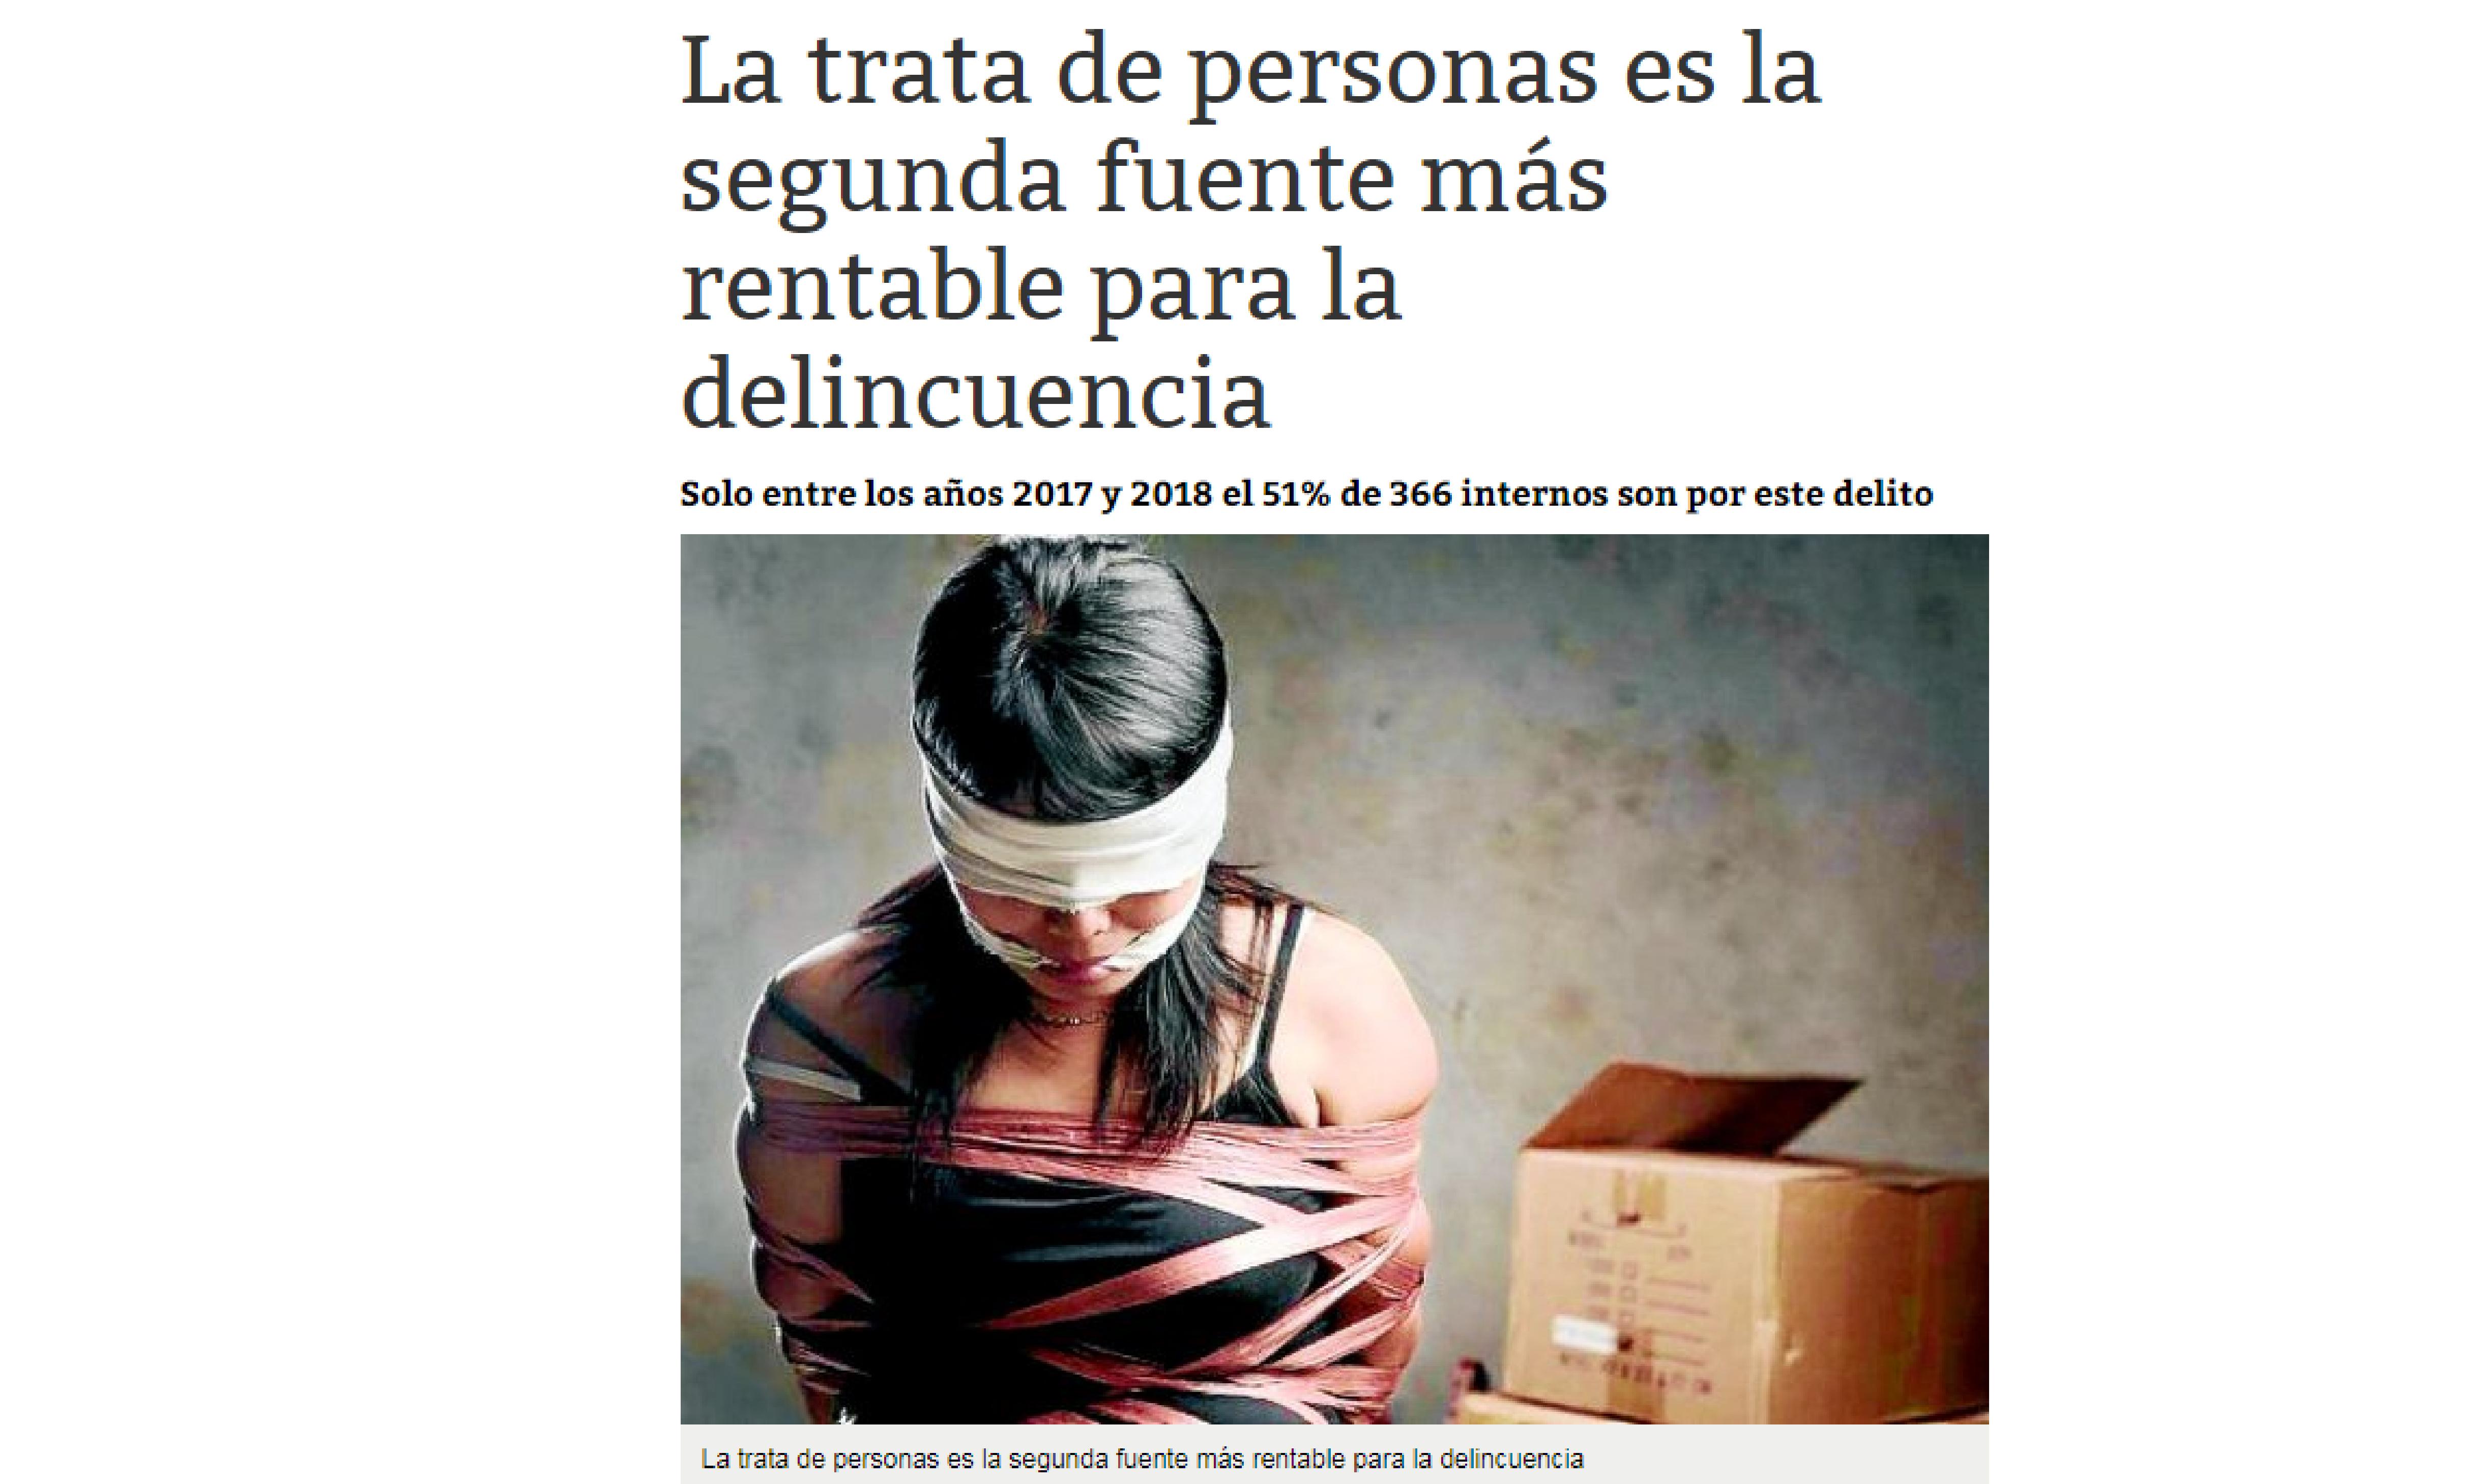 La trata de personas es la segunda fuente más rentable para la delincuencia